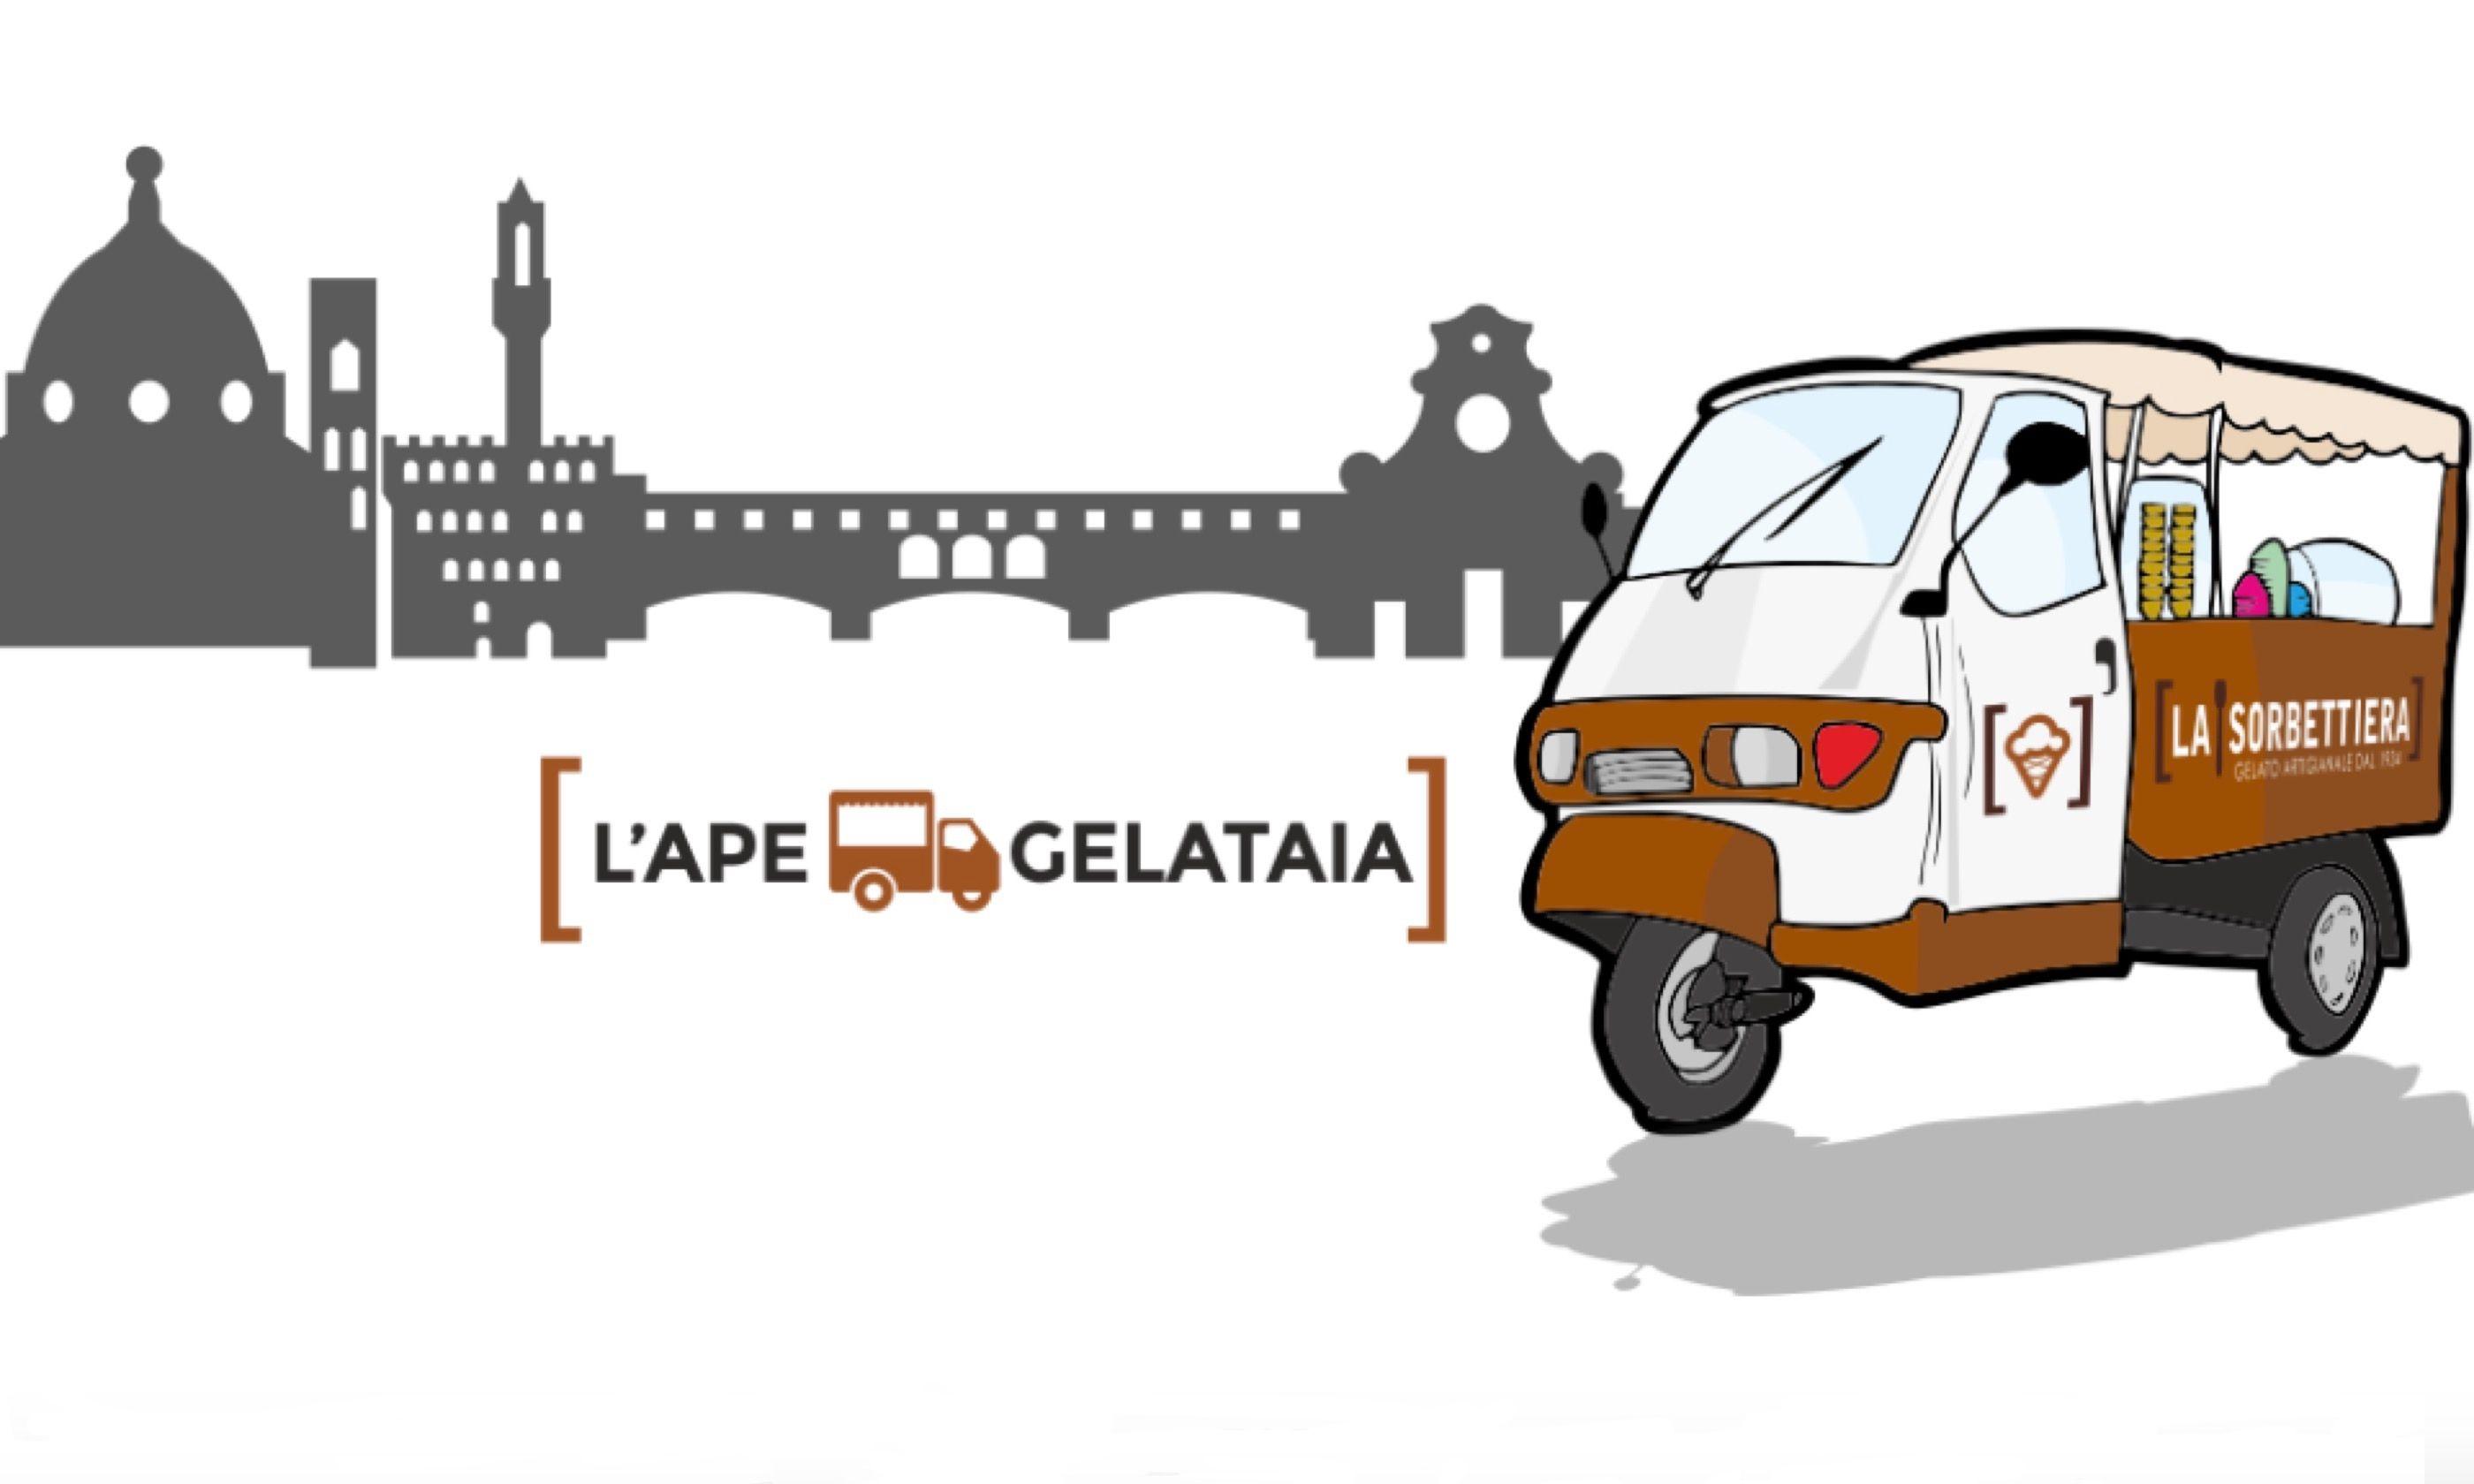 Gelateria La Sorbettiera's mobile gelataria (lasorbettiera.com)